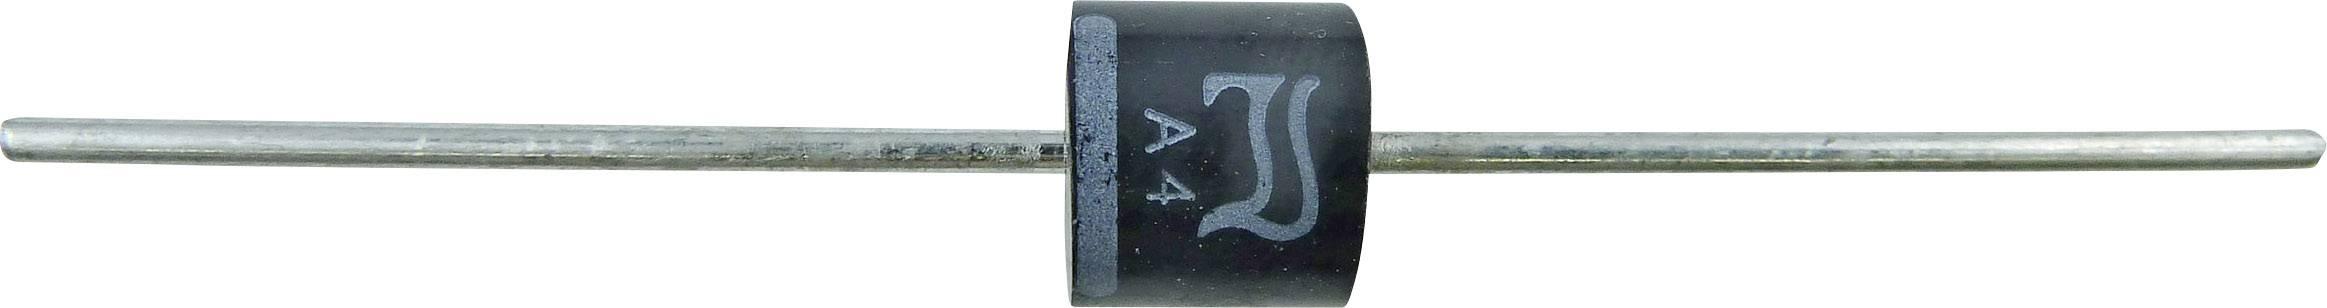 Křemíková výkonová dioda 6 A Diotec P 600 K, 800 V, I(F) 6 A